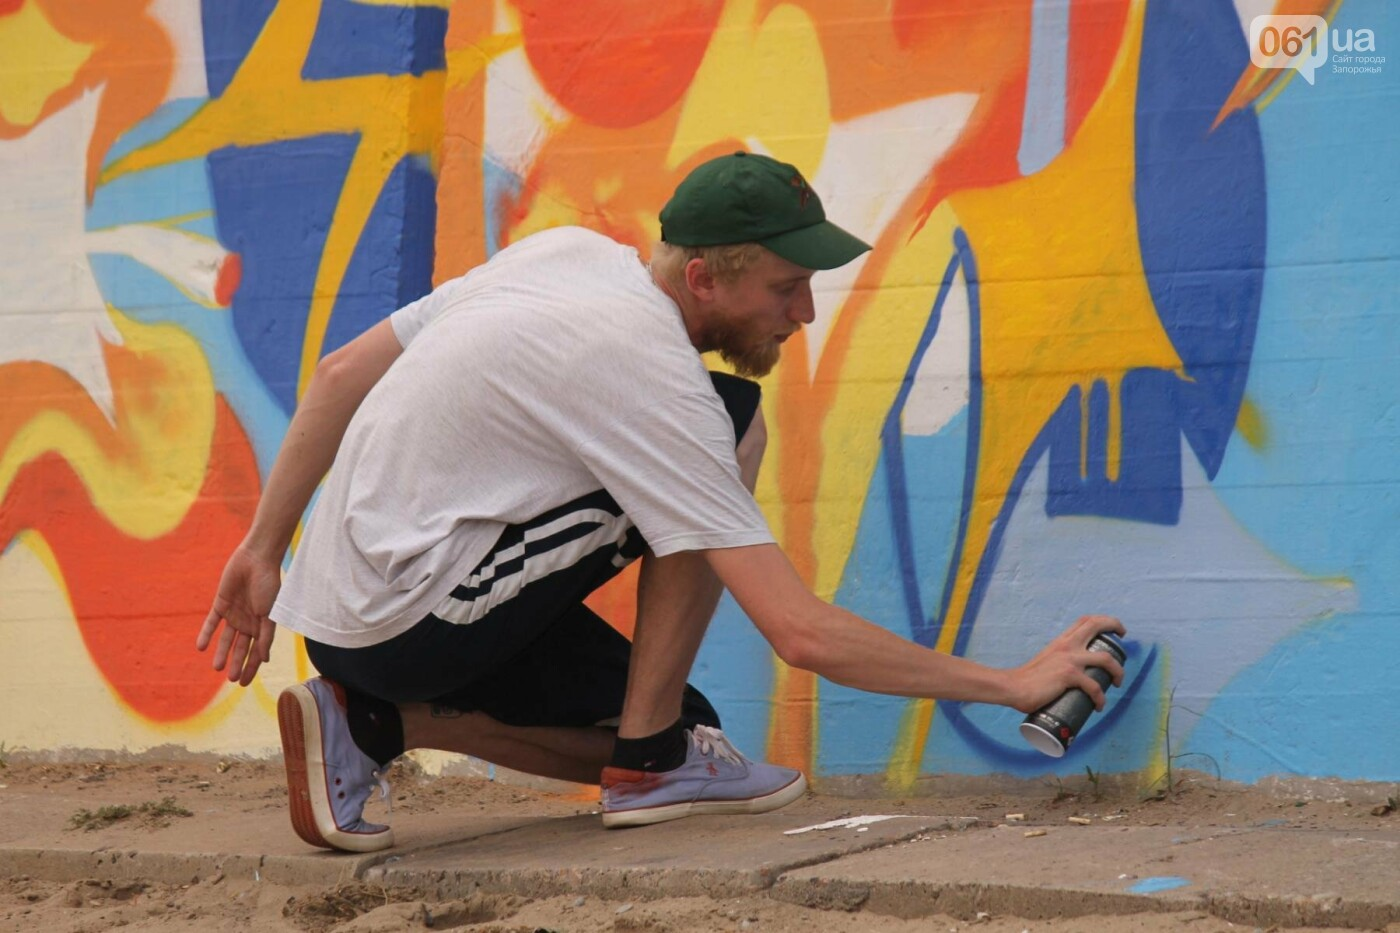 В Запорожье на пляже закончился фестиваль граффити: разрисовали 150 метров бетонной стены, – ФОТОРЕПОРТАЖ, фото-32